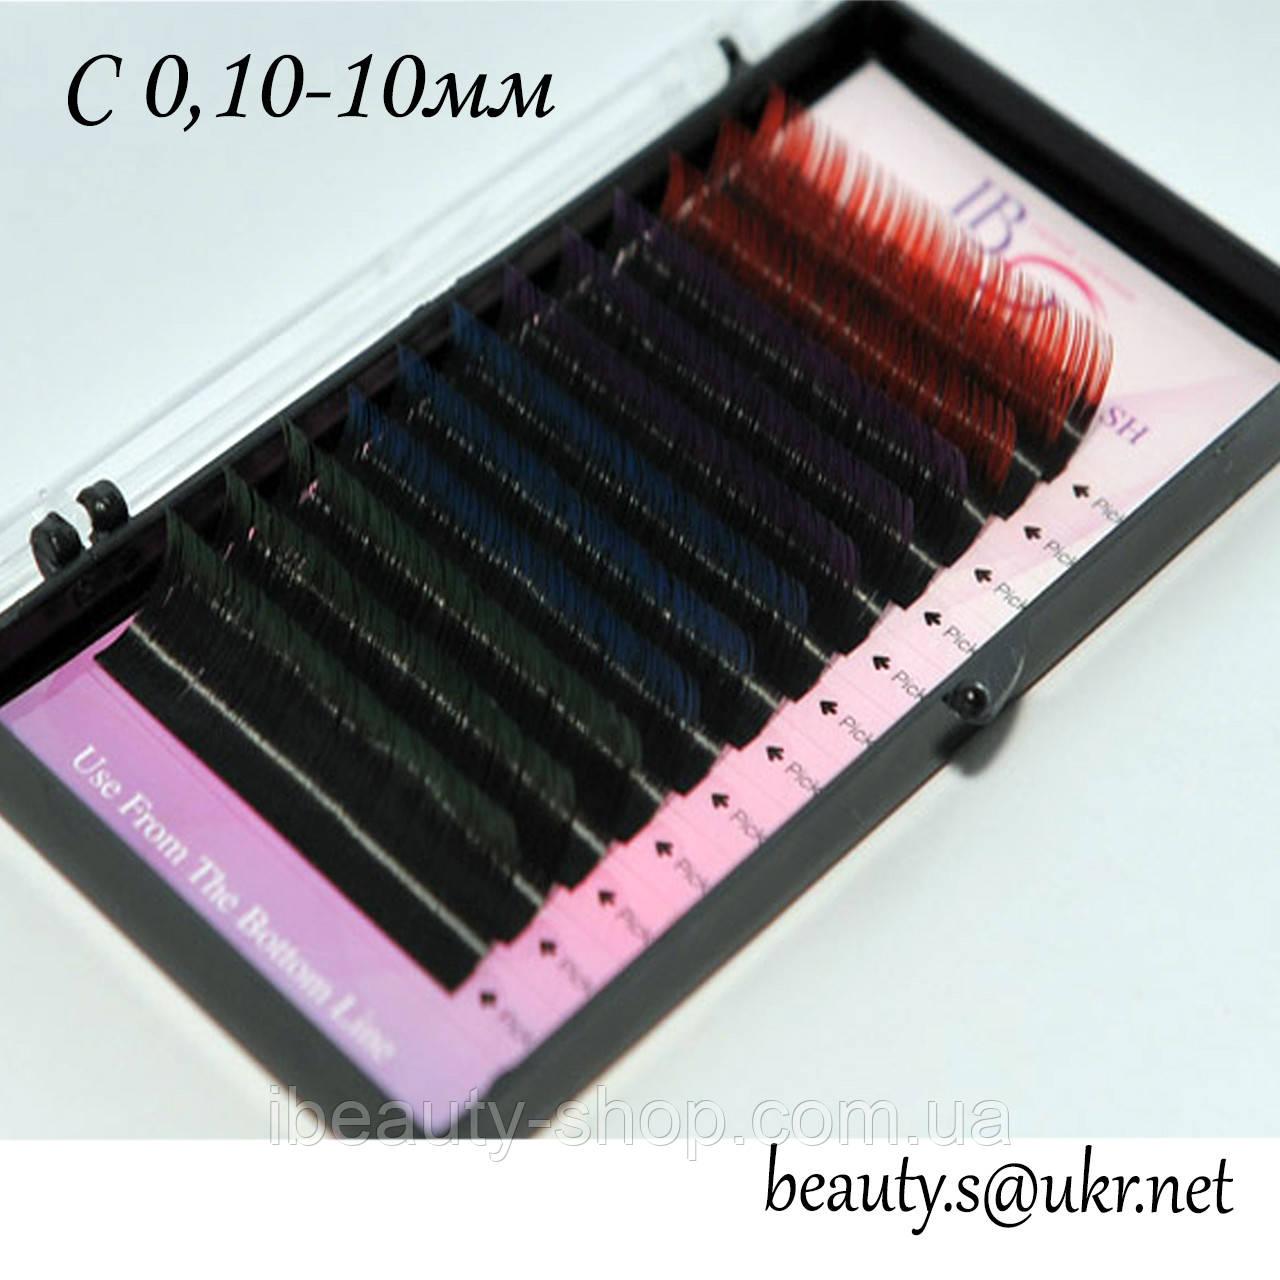 Ресницы I-Beauty, С 0,10-10мм,цветные концы,4 цвета